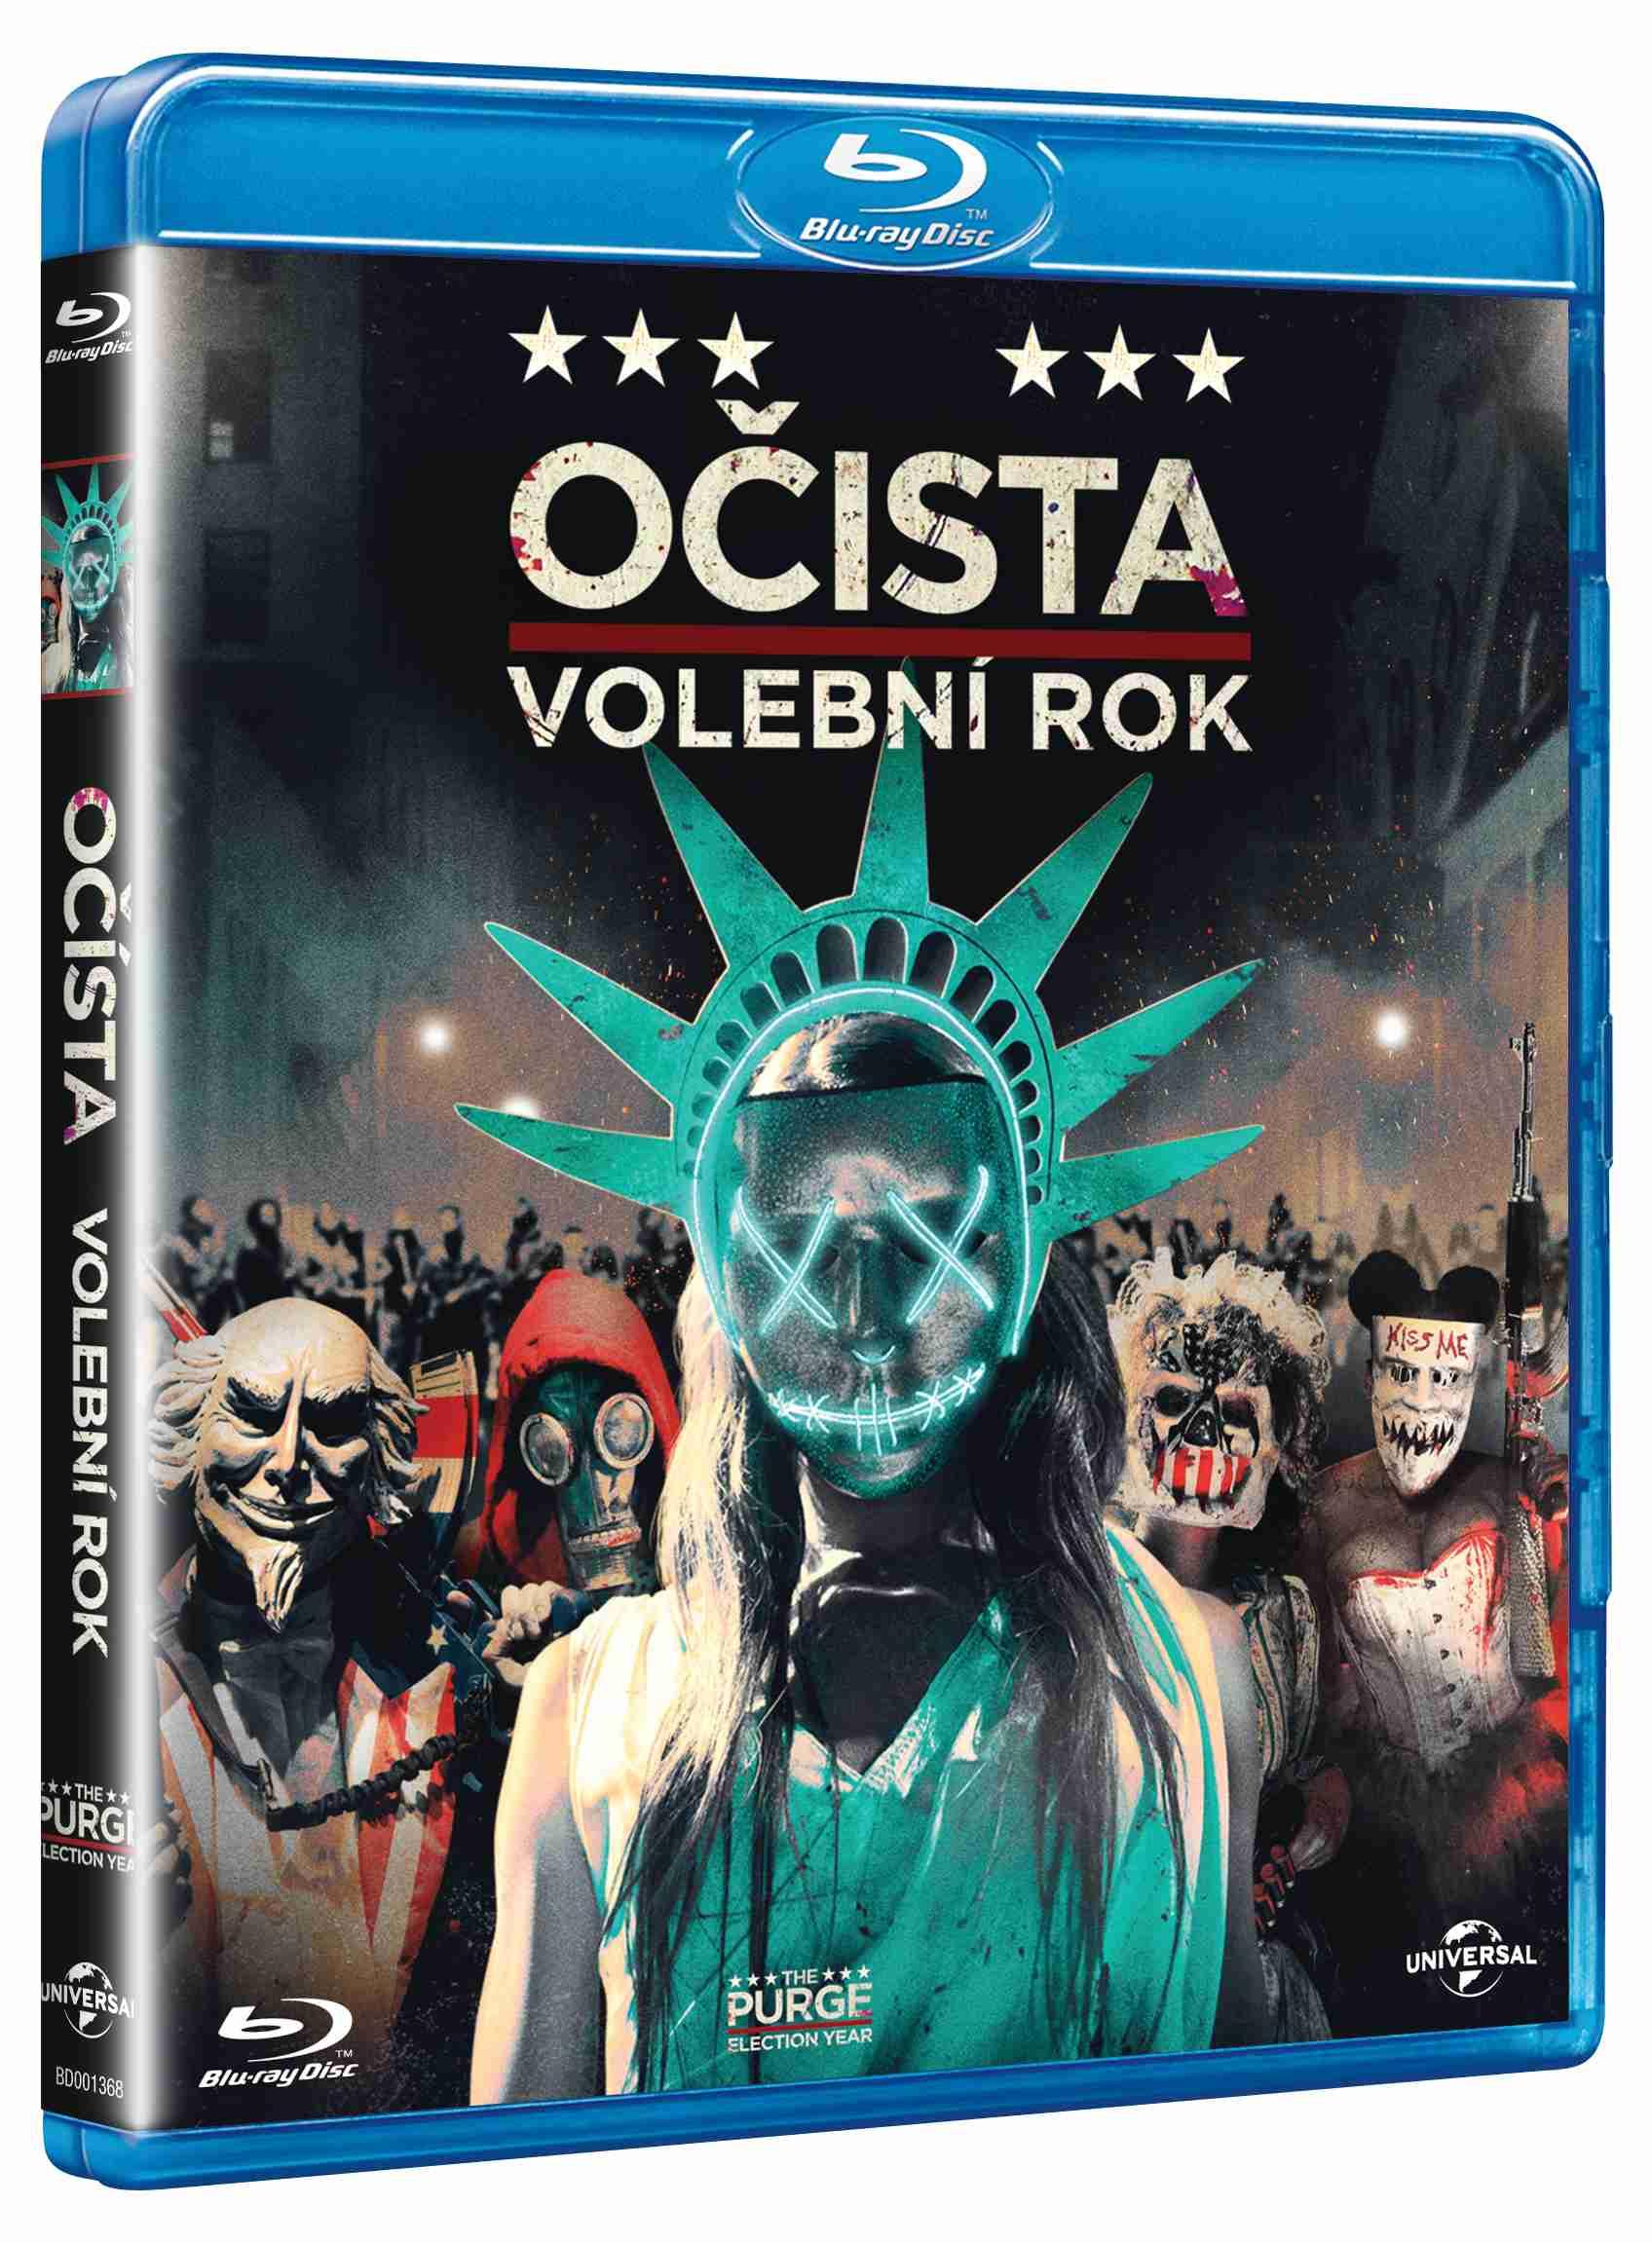 OČISTA: VOLEBNÍ ROK - Blu-ray